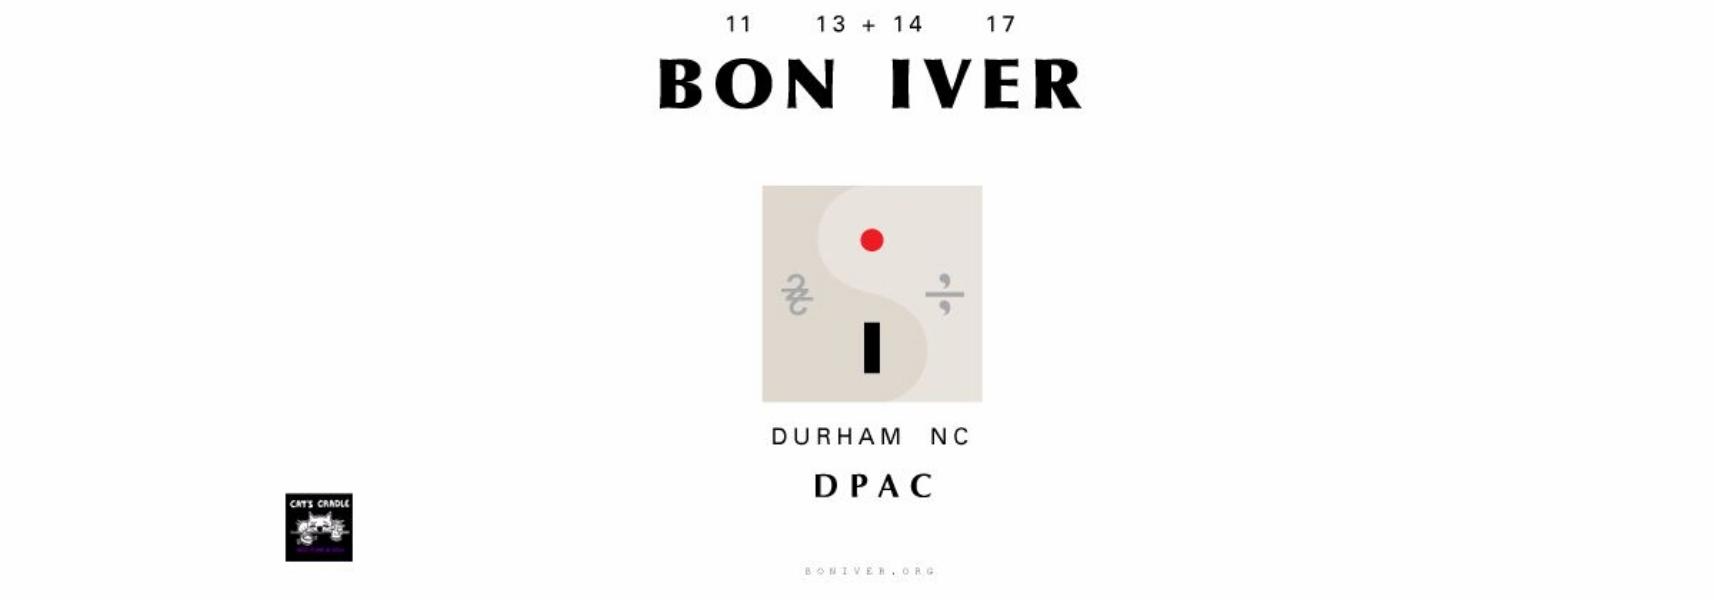 Bon Iver DPAC